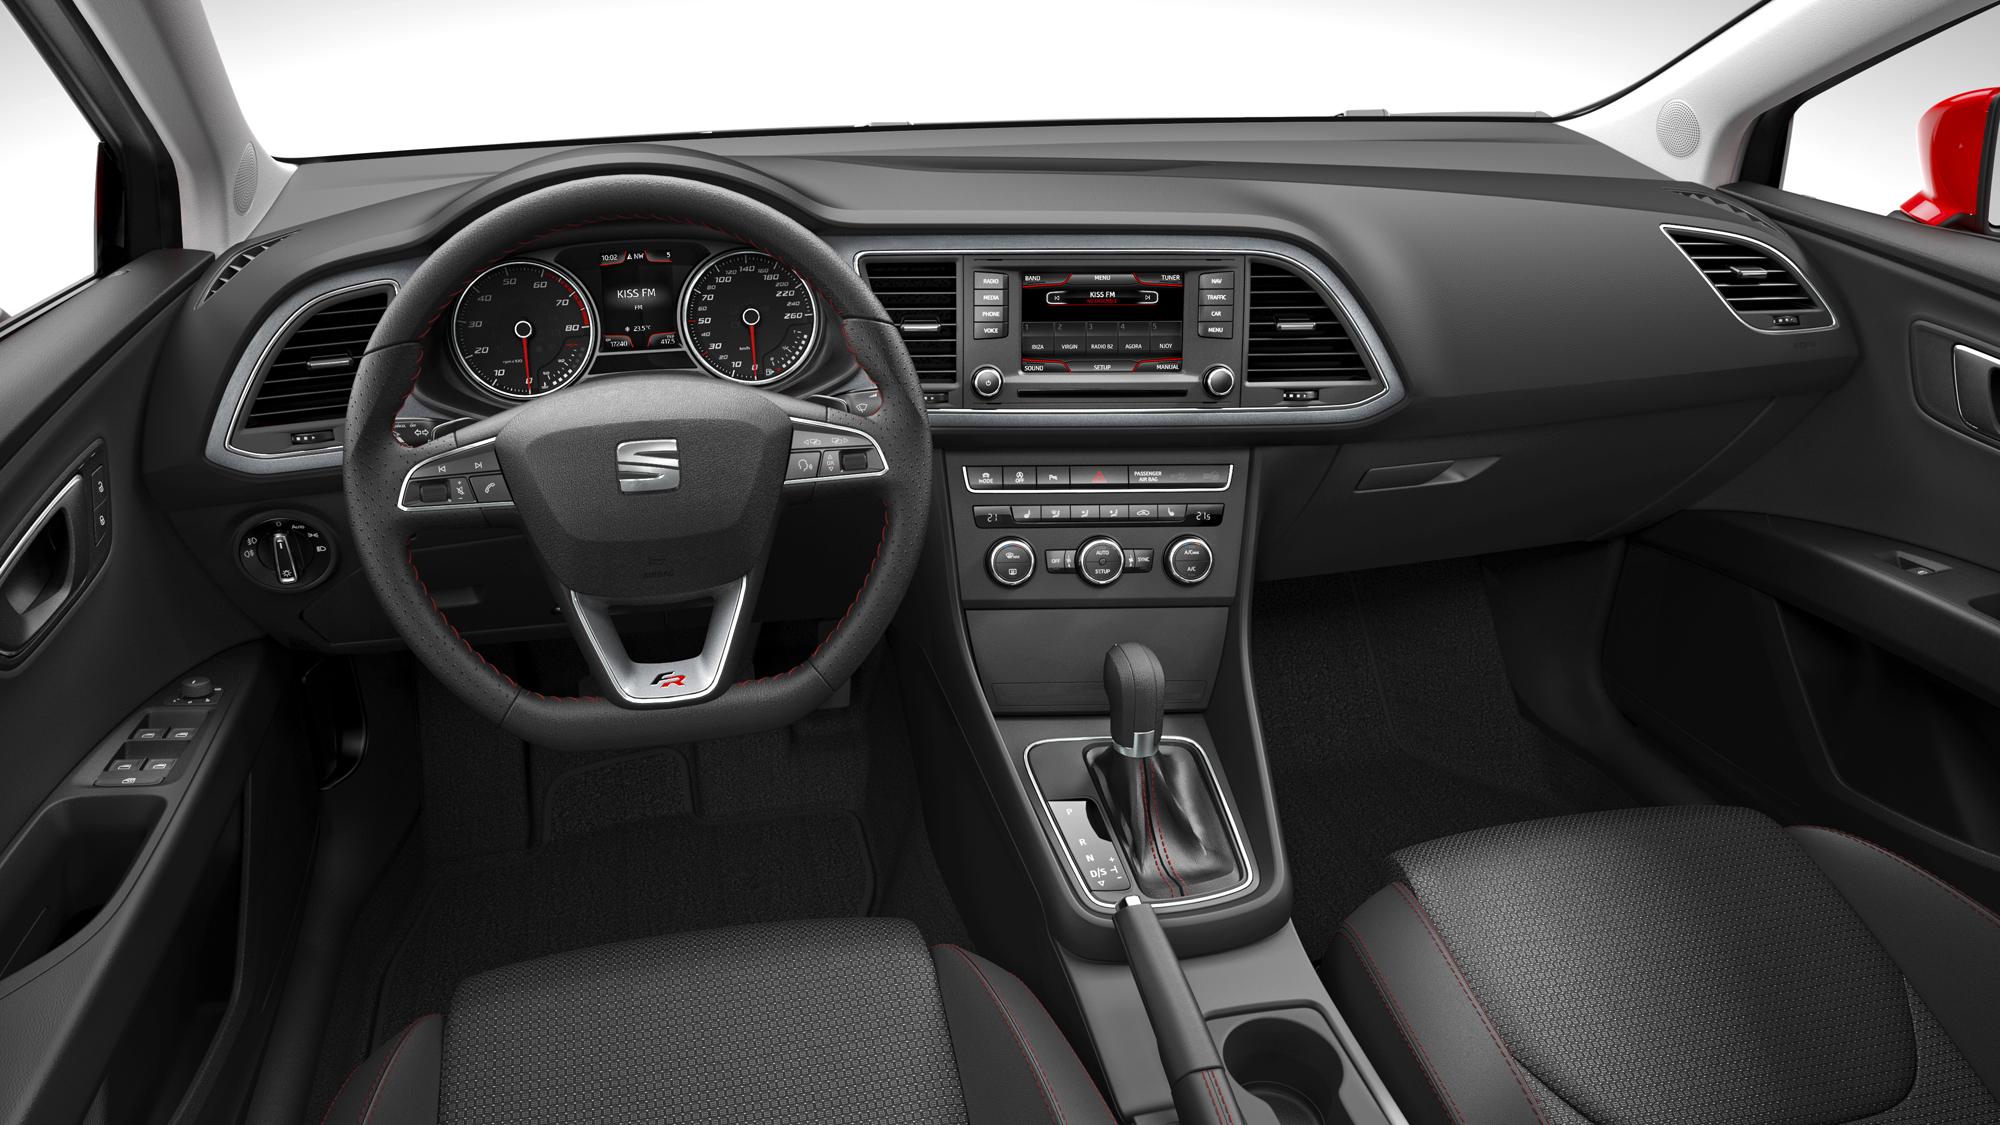 2013-seat-leon-interior